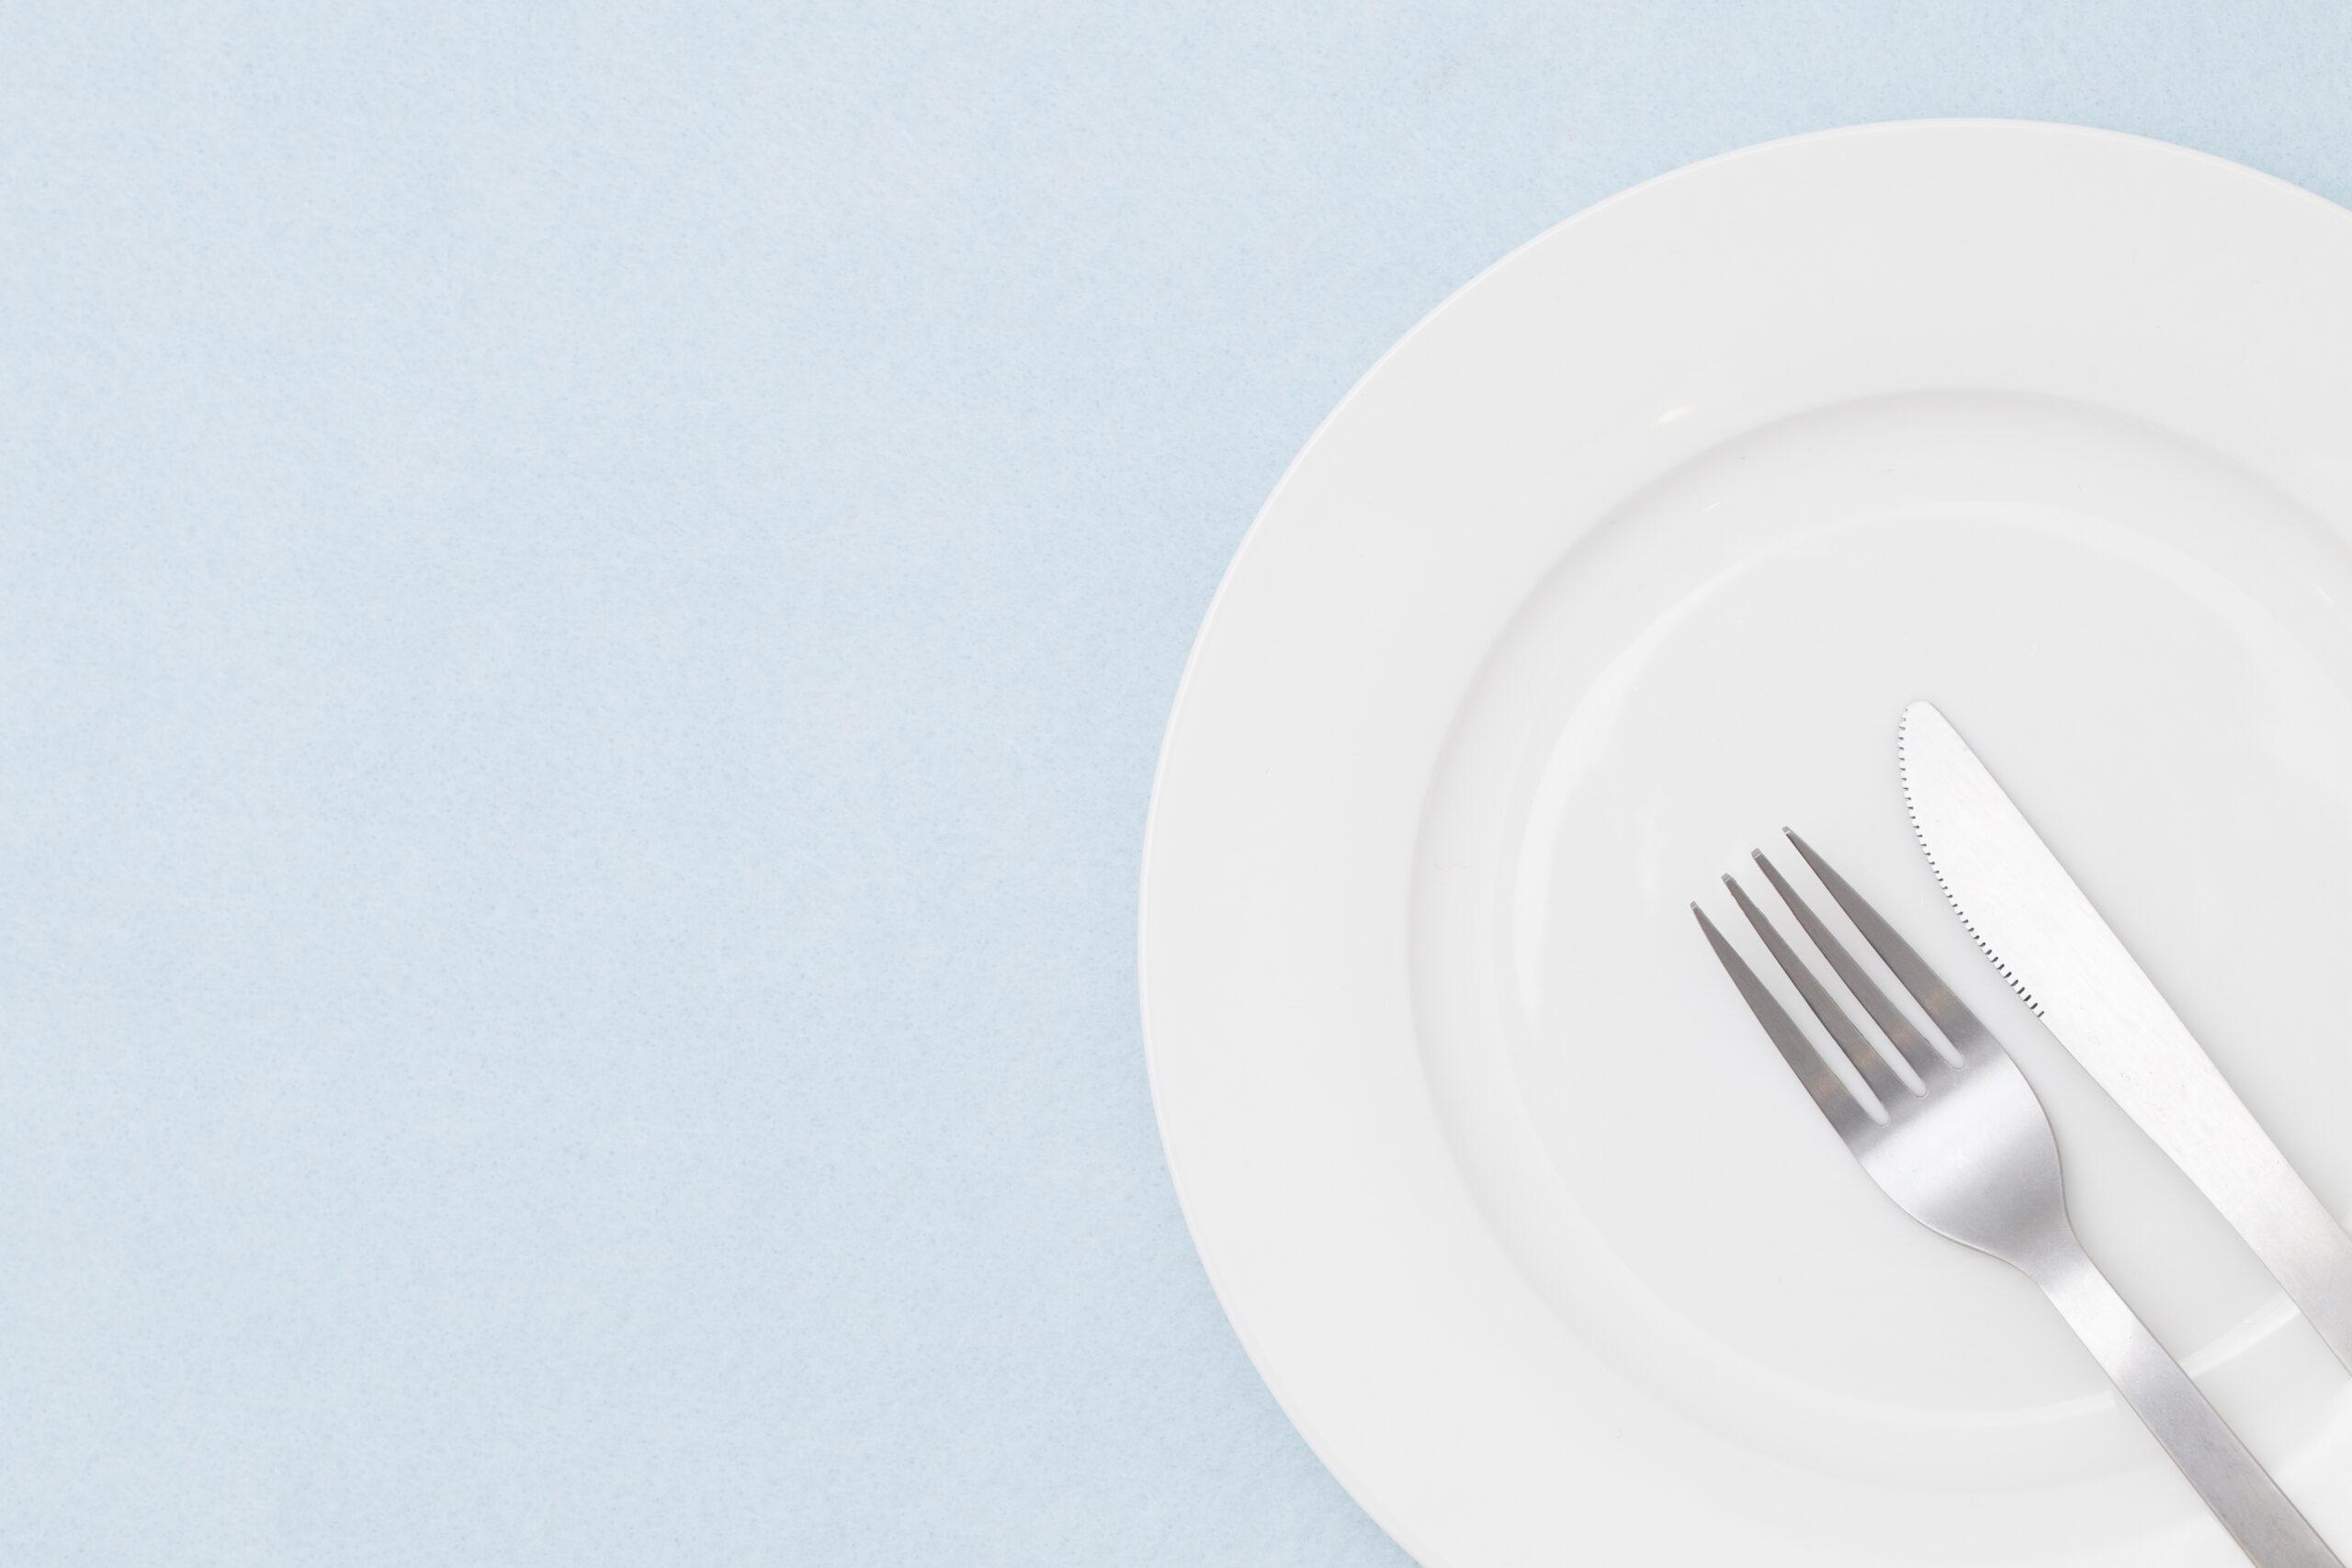 食事の途中は八の字、終わったら右下に